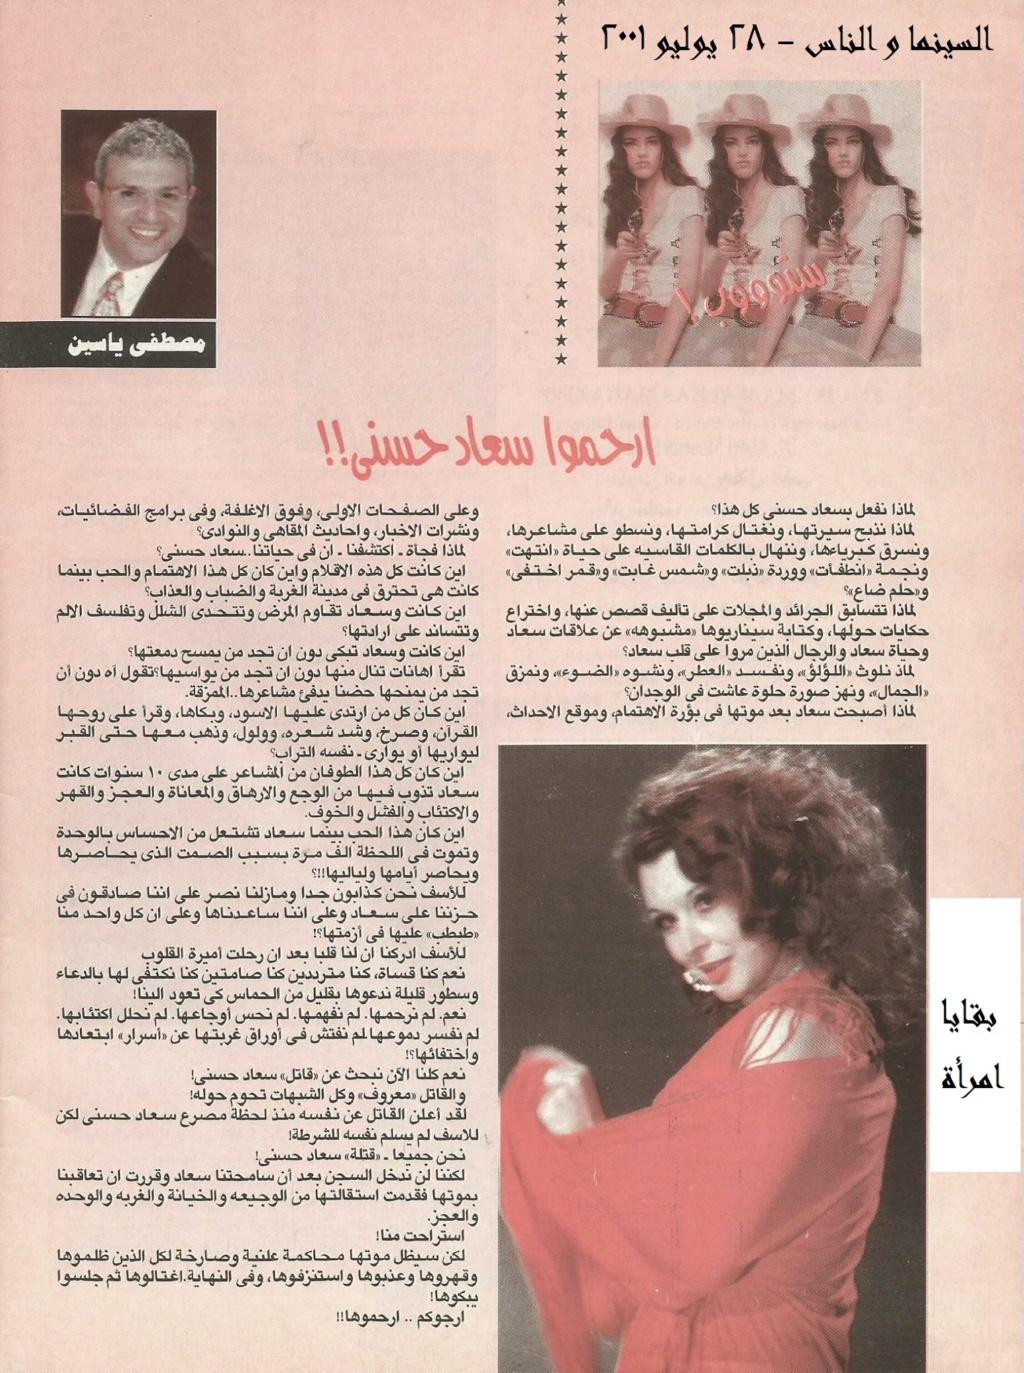 مقال - مقال صحفي : ارحموا سعاد حسني !! 2001 م Yai_c_10